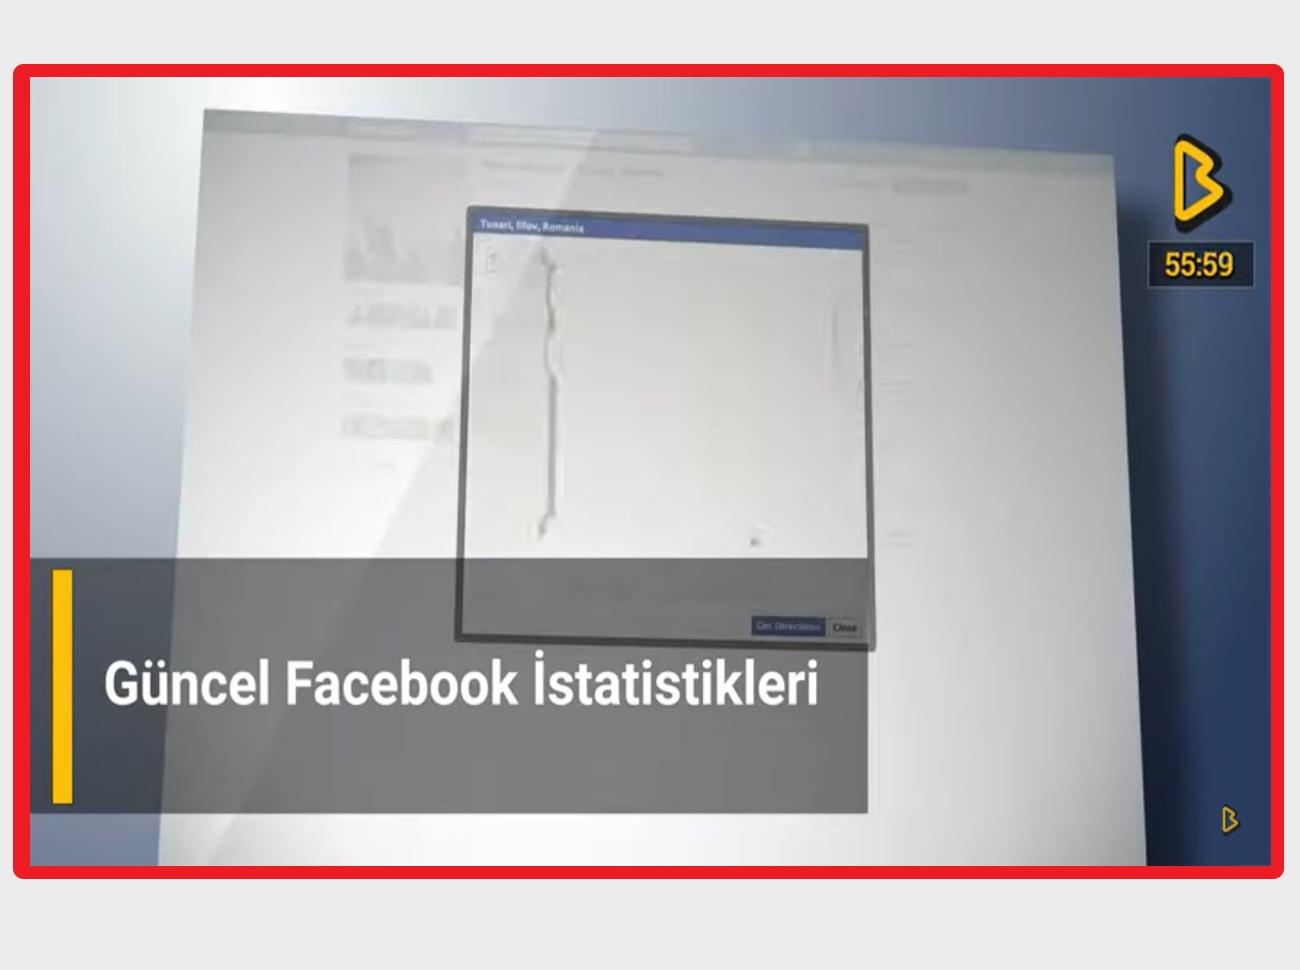 Facebook Hakkında Bilinmeyenler Branding Türkiye Tv'de